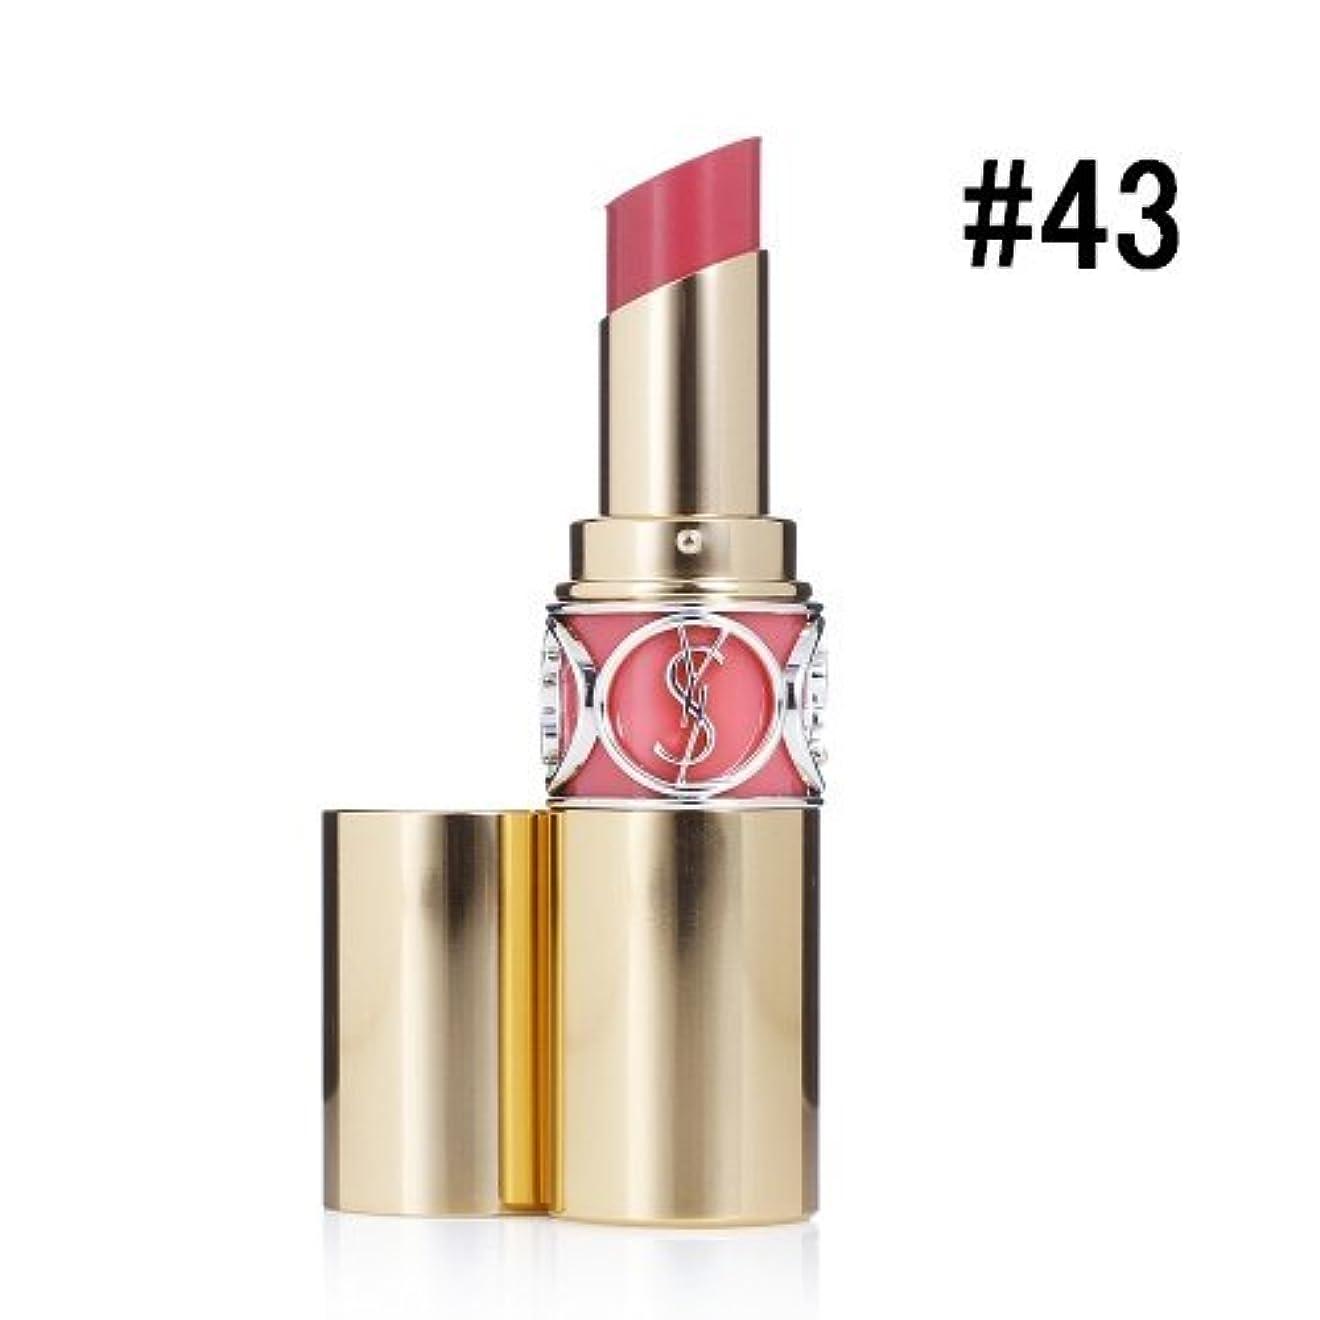 レッドデートマングルビタミンイヴサンローラン(Yves Saint Laurent) ルージュ ヴォリュプテ シャイン #43 ROSE RIVE GAUCHE 4.5g[並行輸入品]